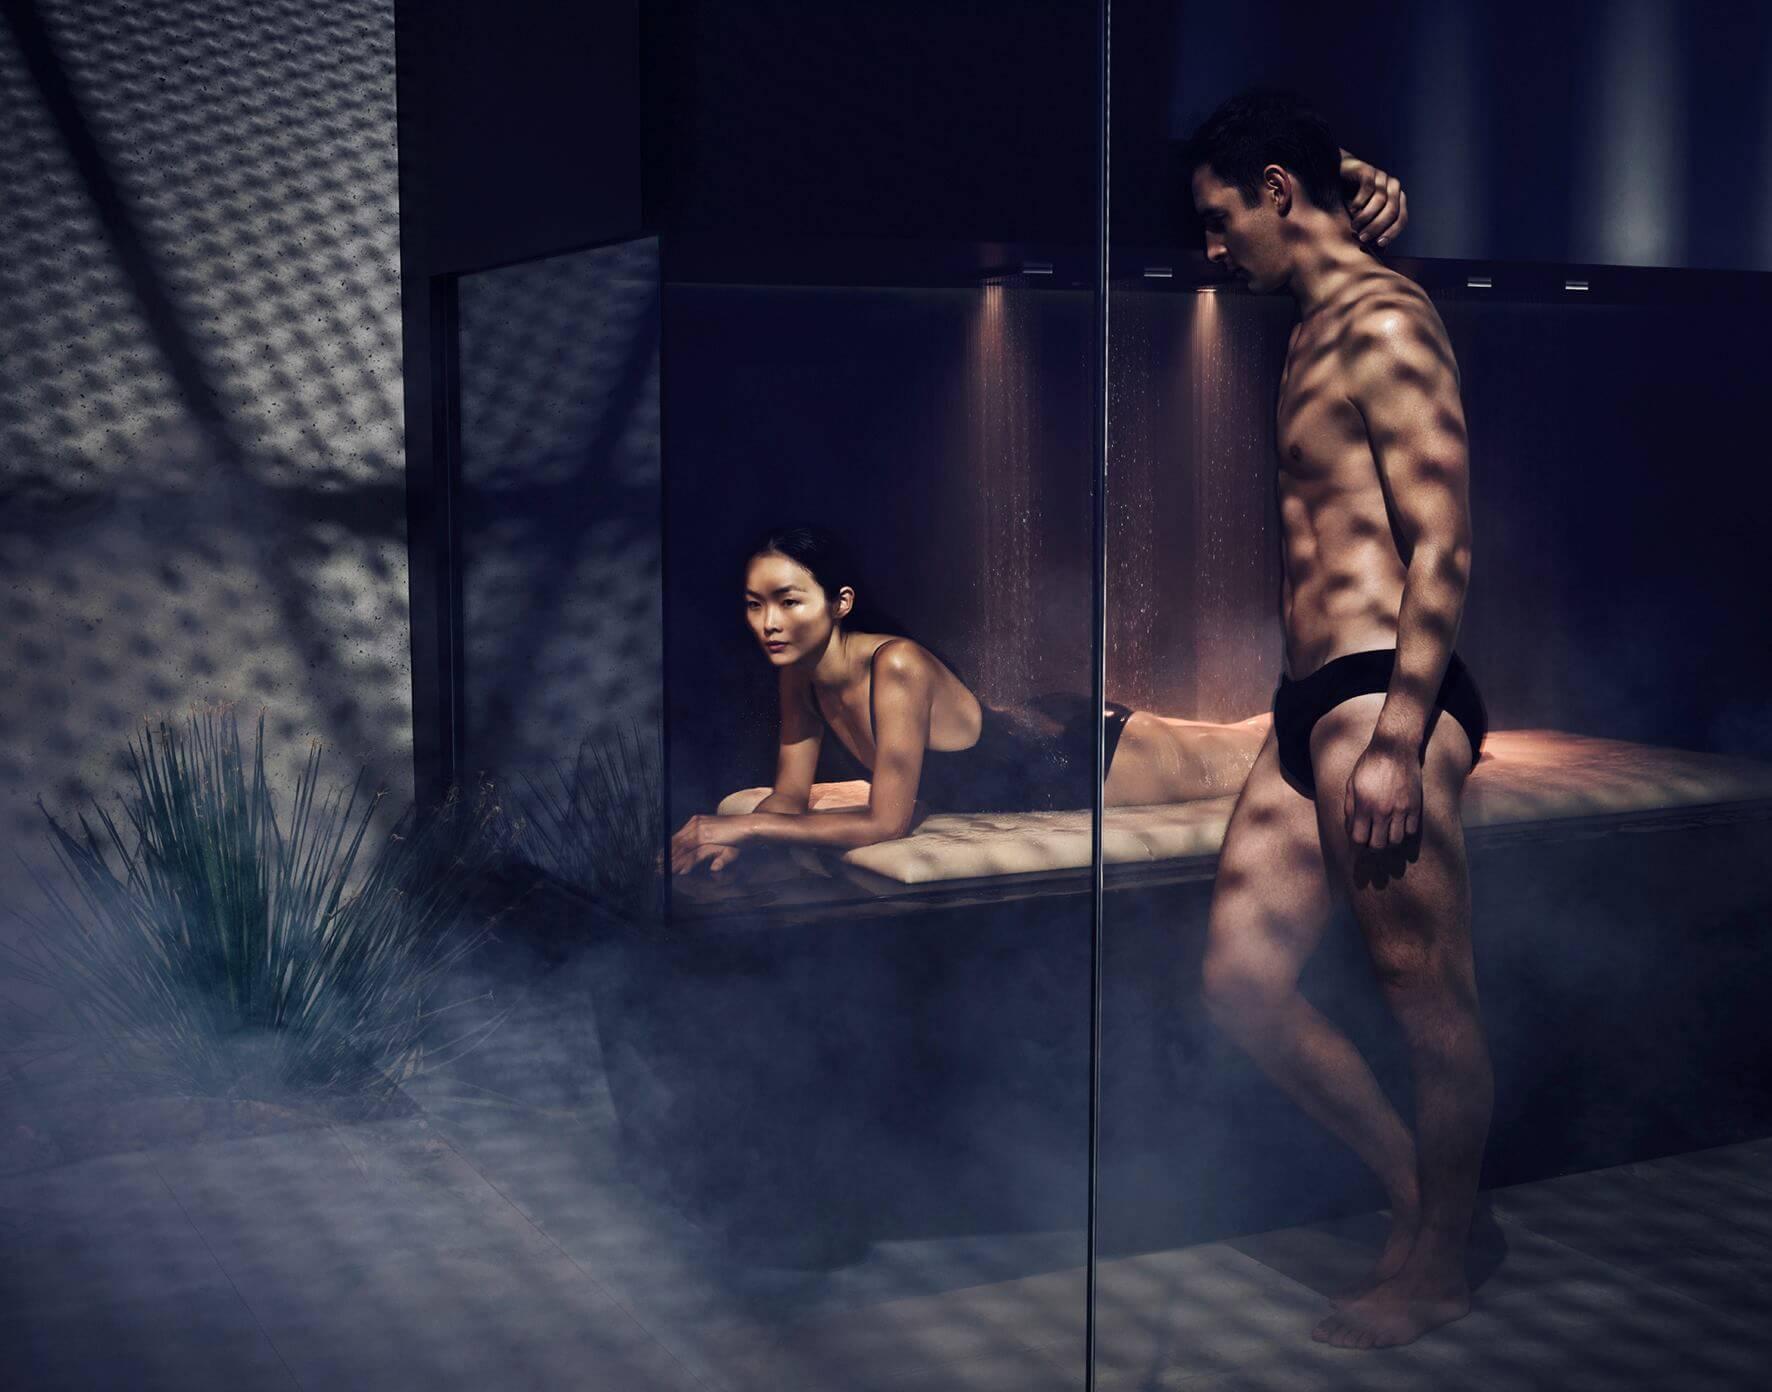 Dornbracht LifeSpa zeigt eine Vielfalt an Möglichkeiten, gesundheitsfördernde Wasseranwendungen im Bad oder Spa zu integrieren. Treatments wie Güsse, Wechselduschen, Entspannungsbäder oder Wassermassagen ergänzen die persönliche Gesundheitsstrategie und leisten langfristig einen relevanten Beitrag zu mehr Wohlbefinden und Lebensenergie. Foto: Dornbracht